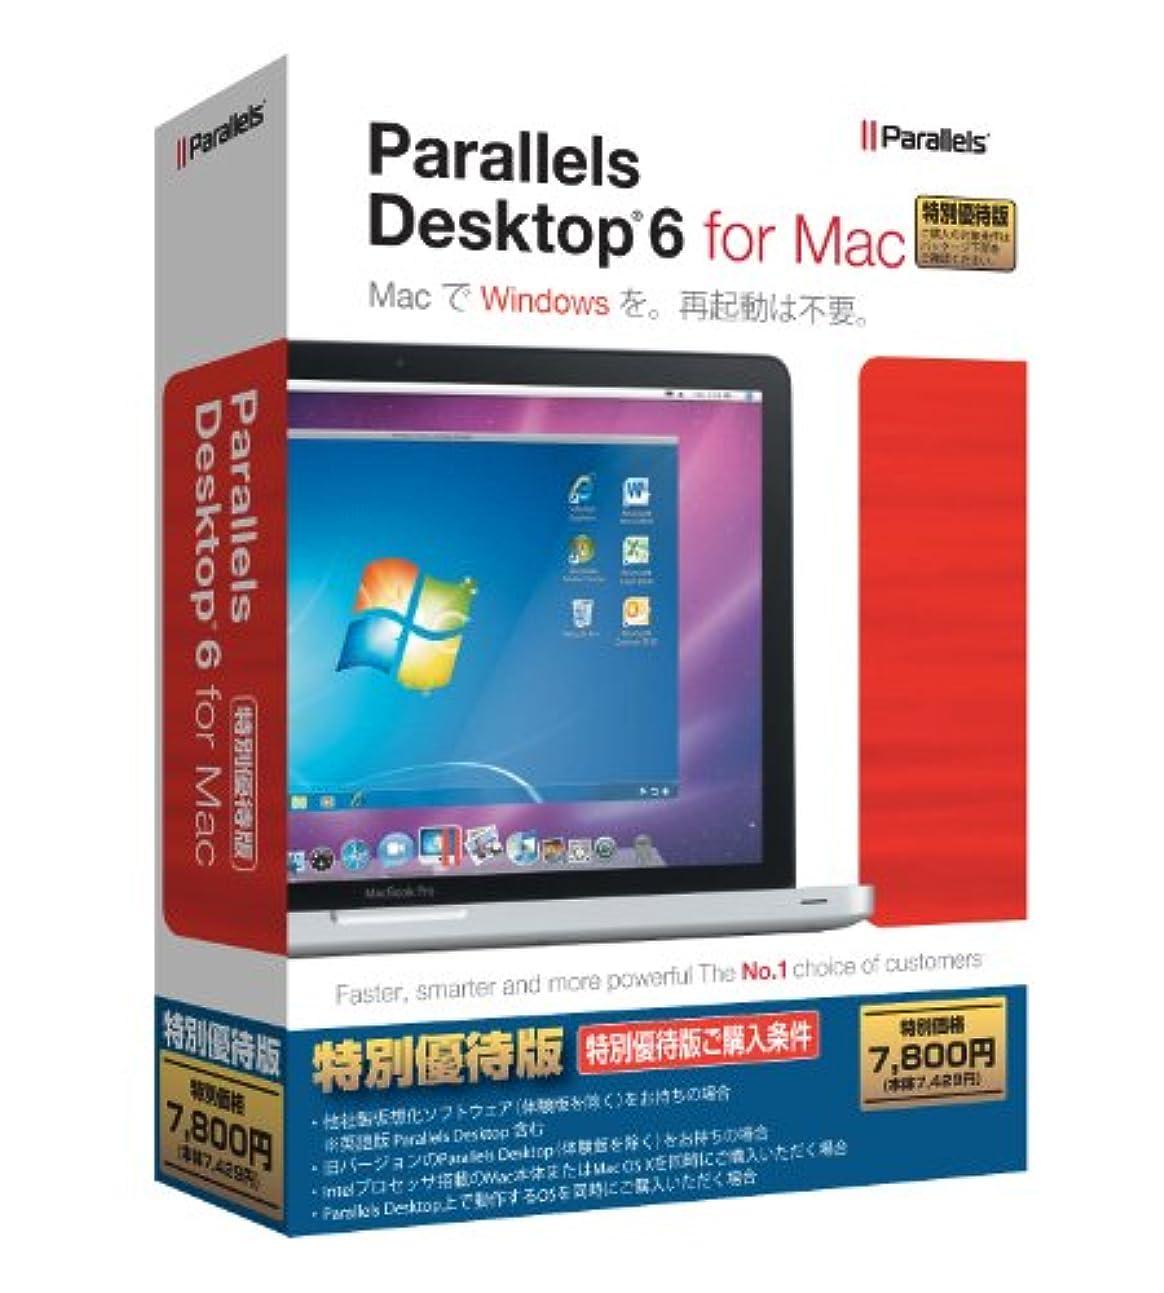 別の順応性のあるダーベビルのテスParallels Desktop 6 for Mac 特別優待版